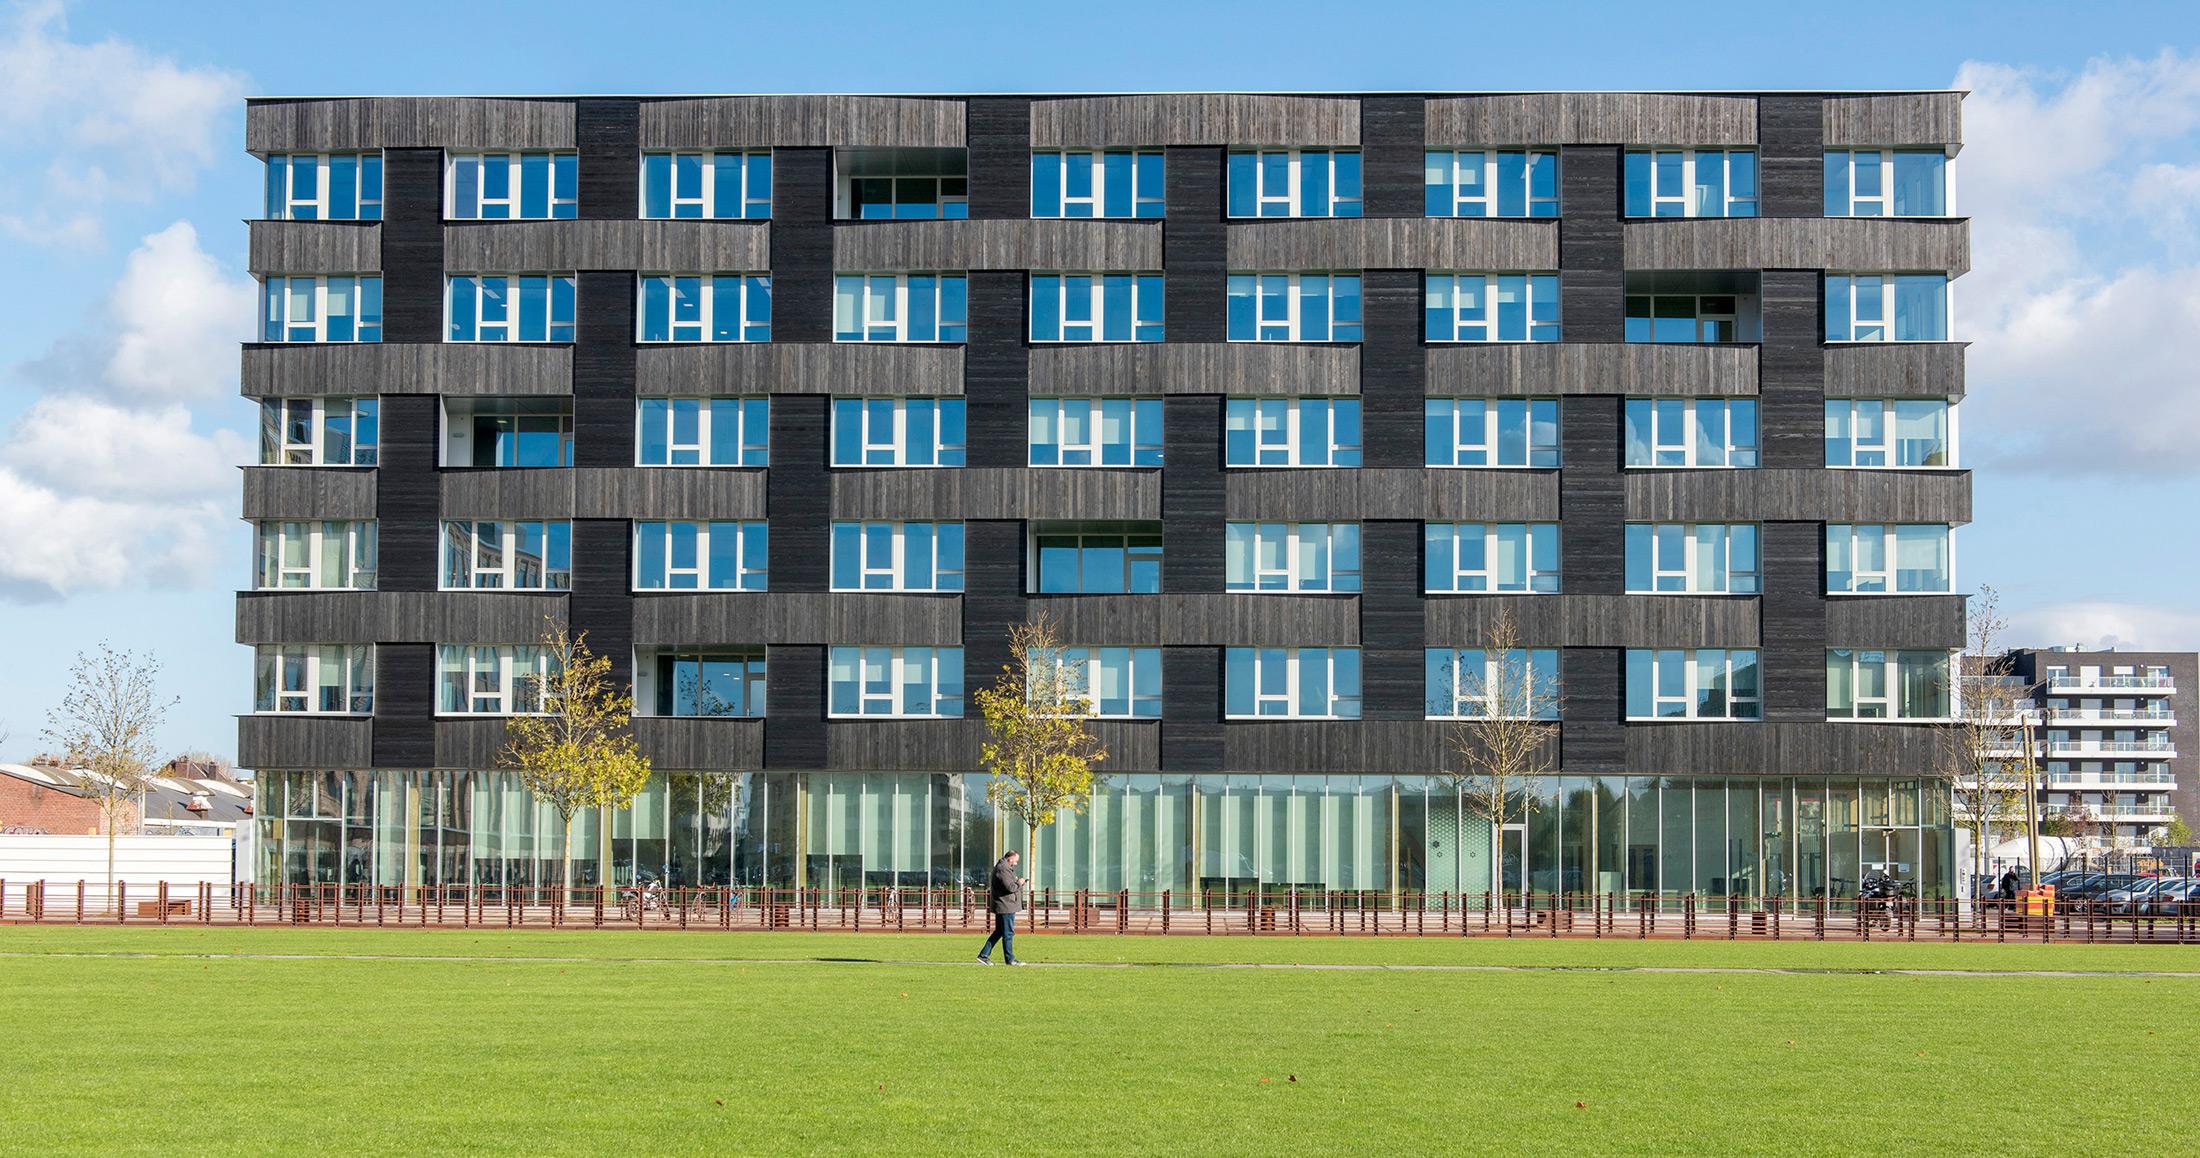 Un Immeuble Recouvert De Bois Brûlé Accoya Abrite L'expansion De L'entreprise Ibm À Lille